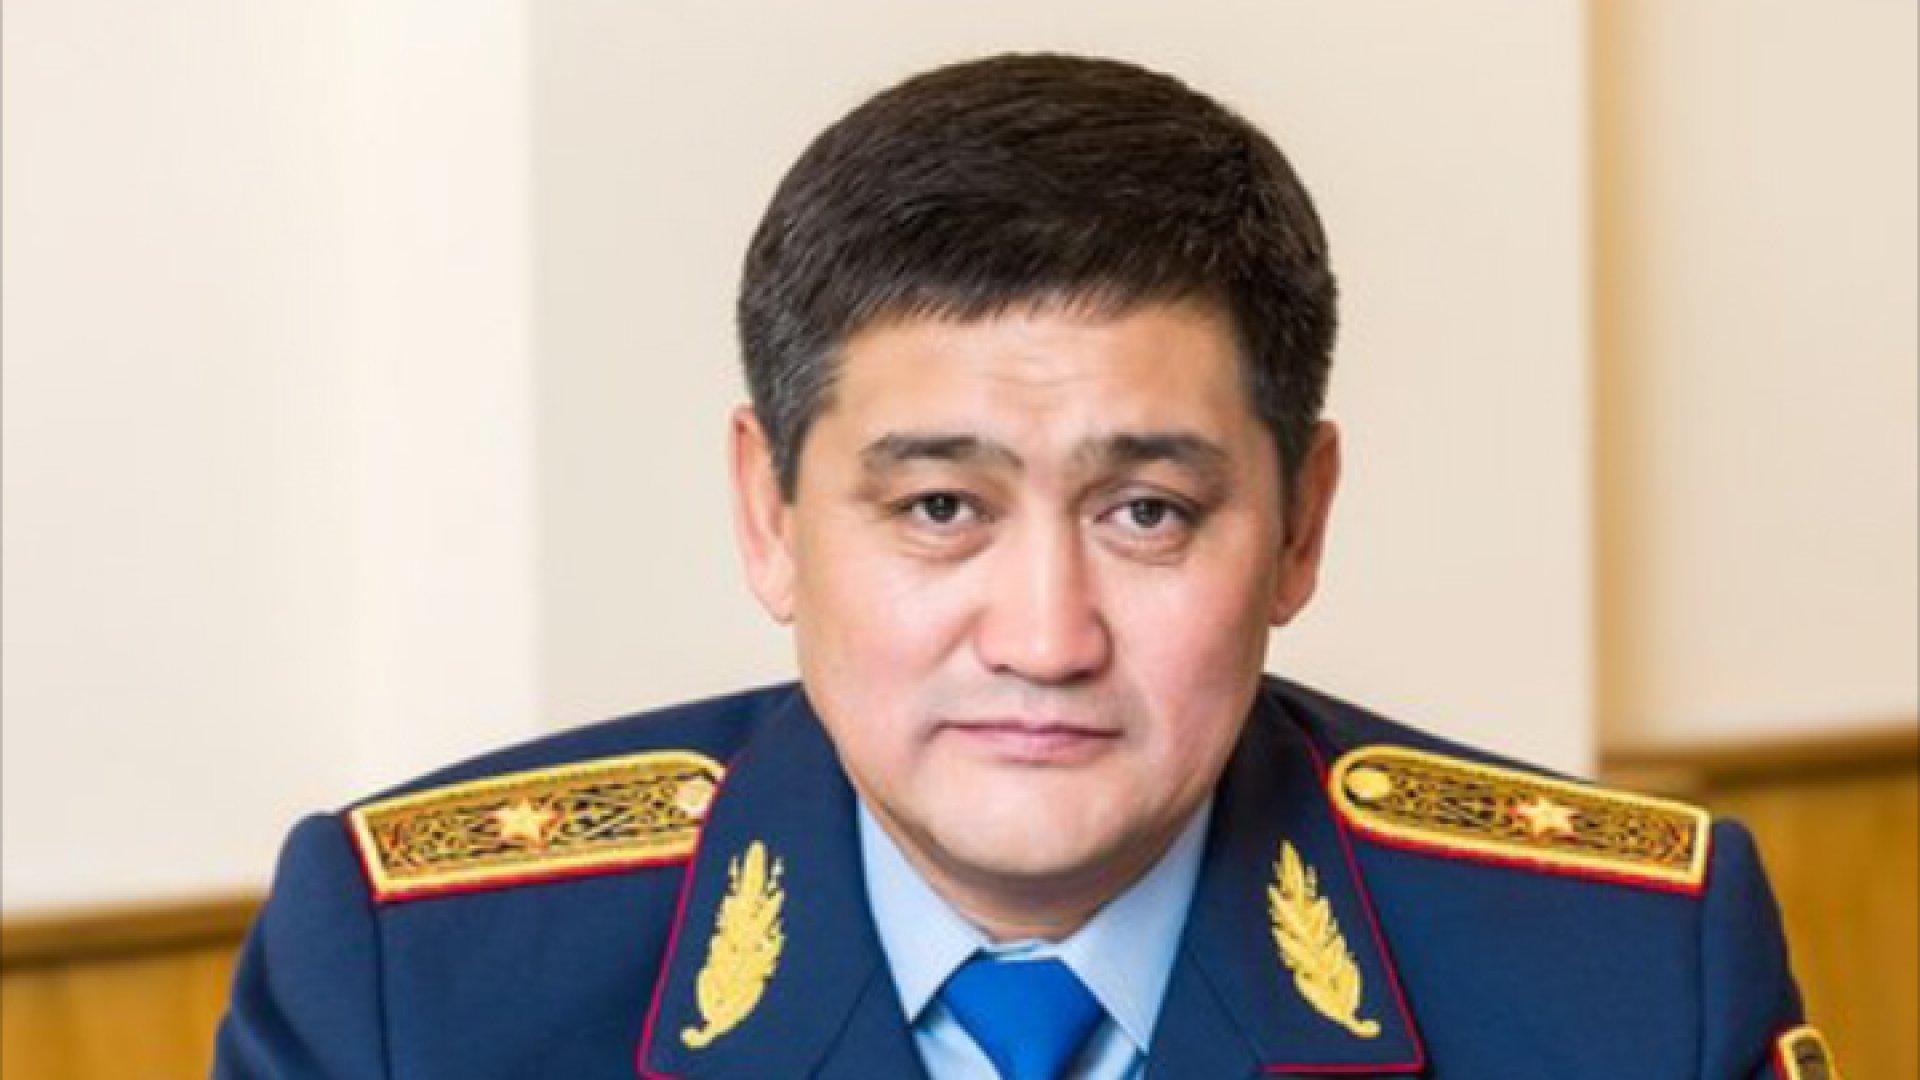 Свыше 30 криминальных участков в Алматы выявили полицейские